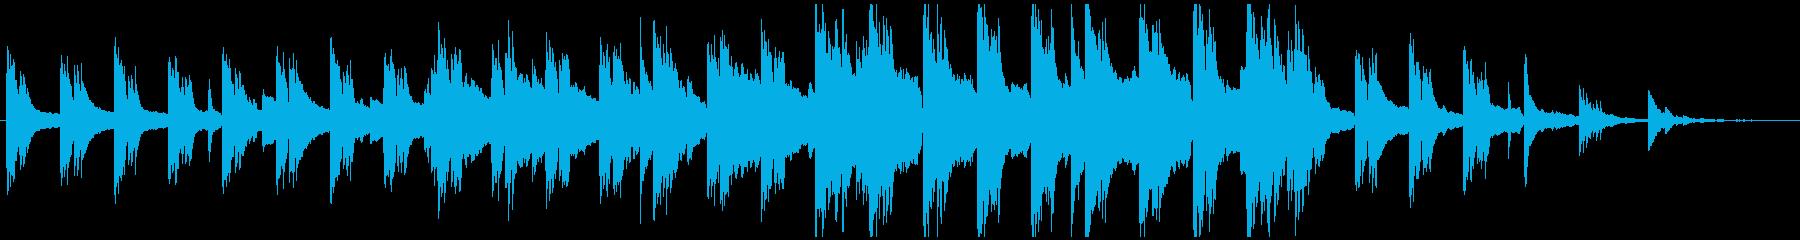 ピアノが印象的なBGM・春をイメージの再生済みの波形